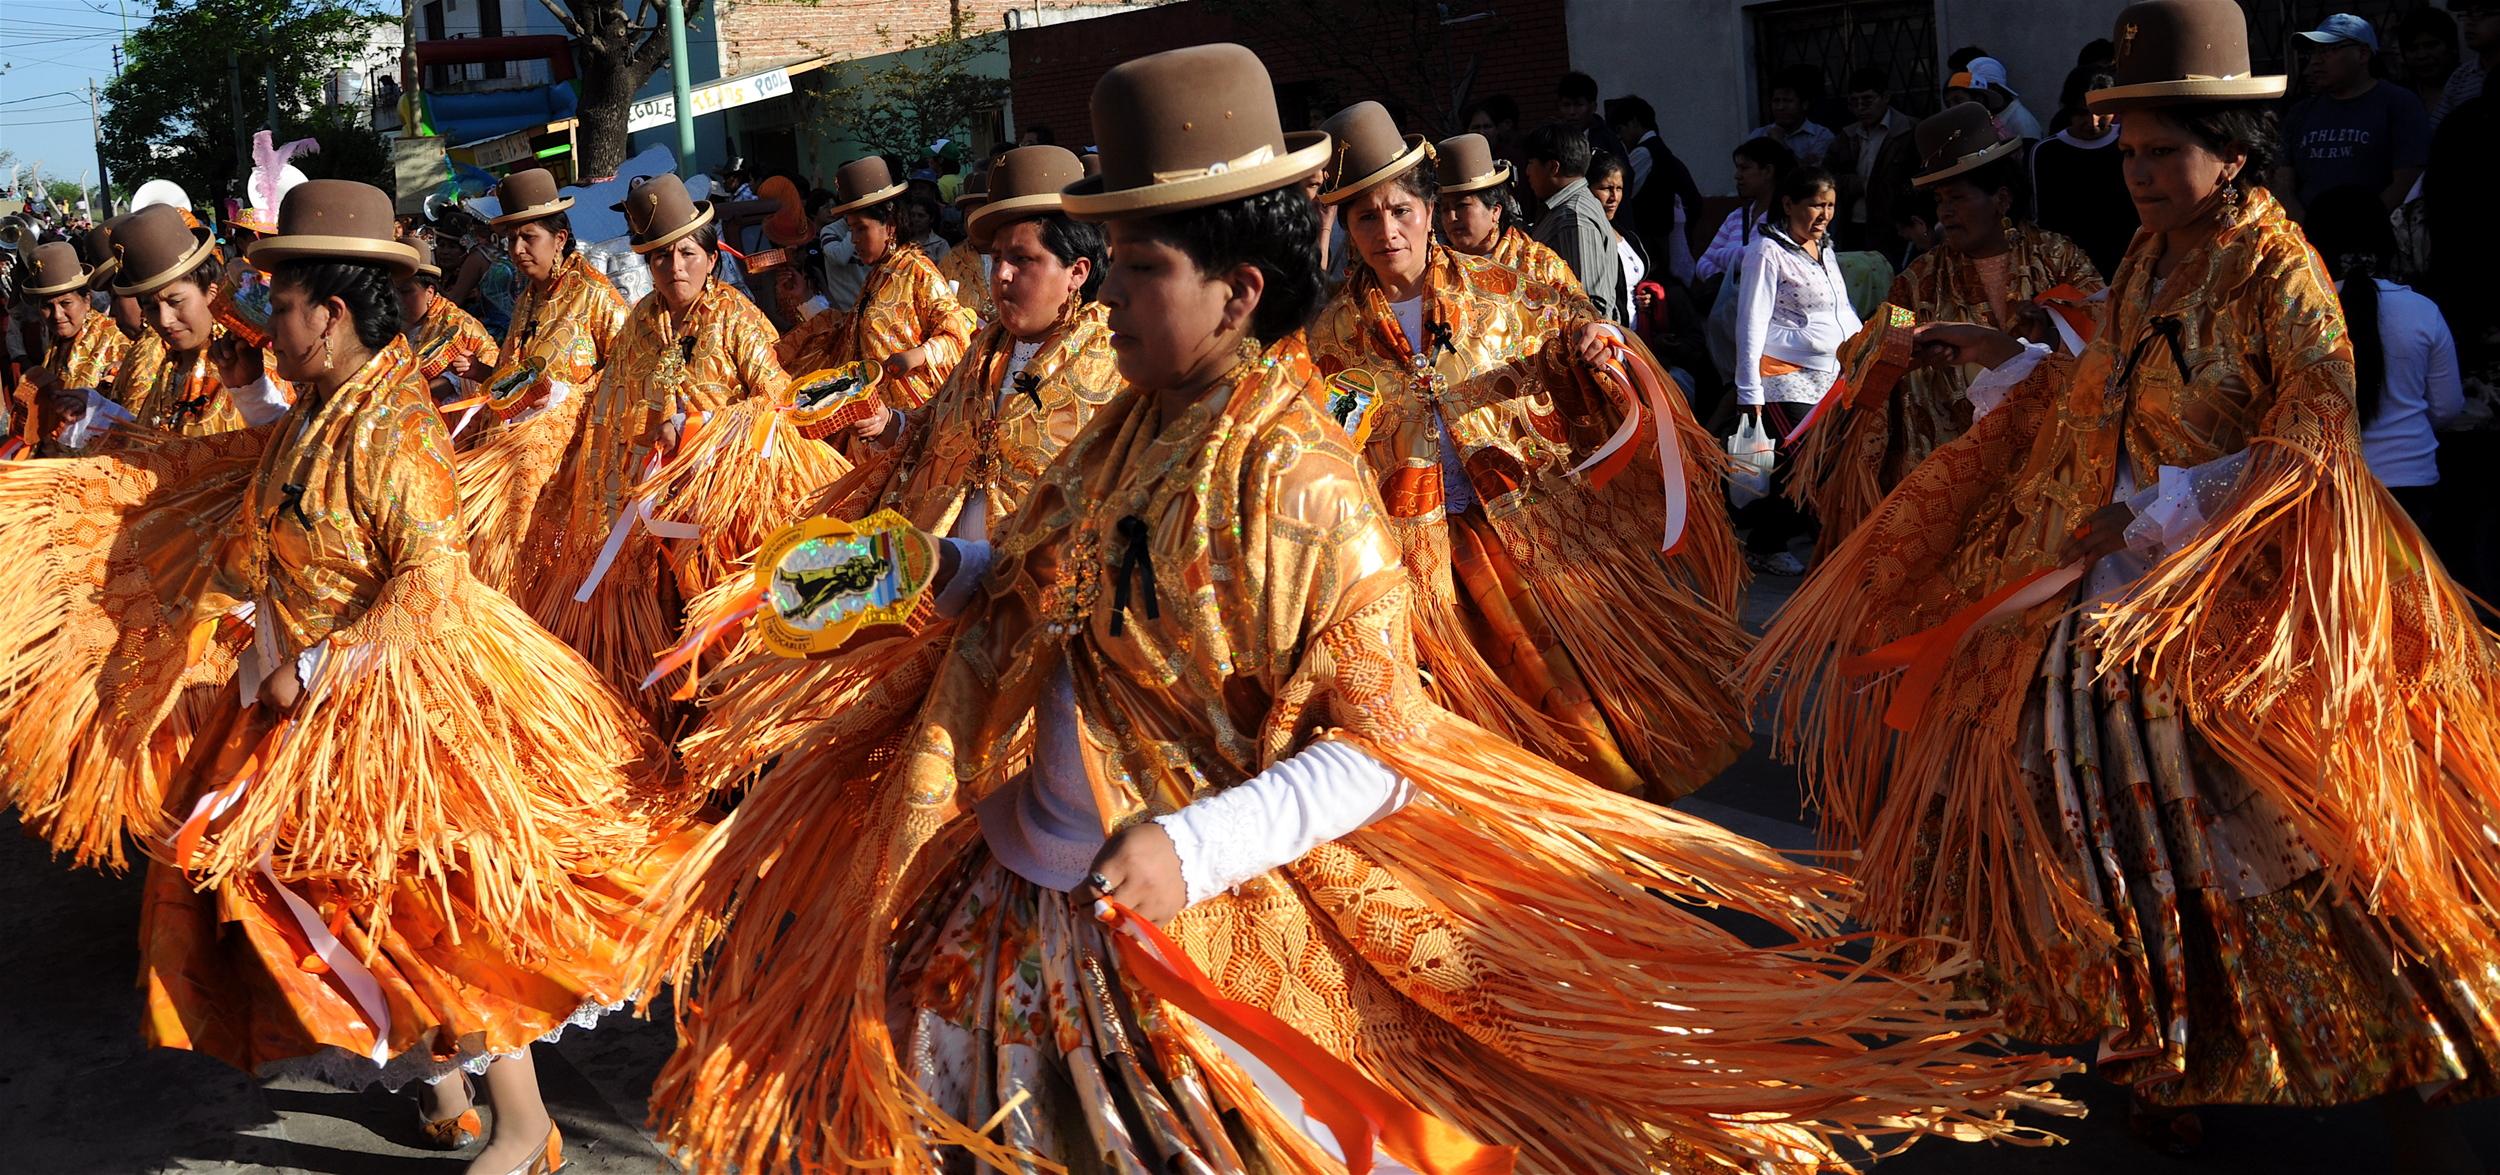 Celebrating Bolivian Culture